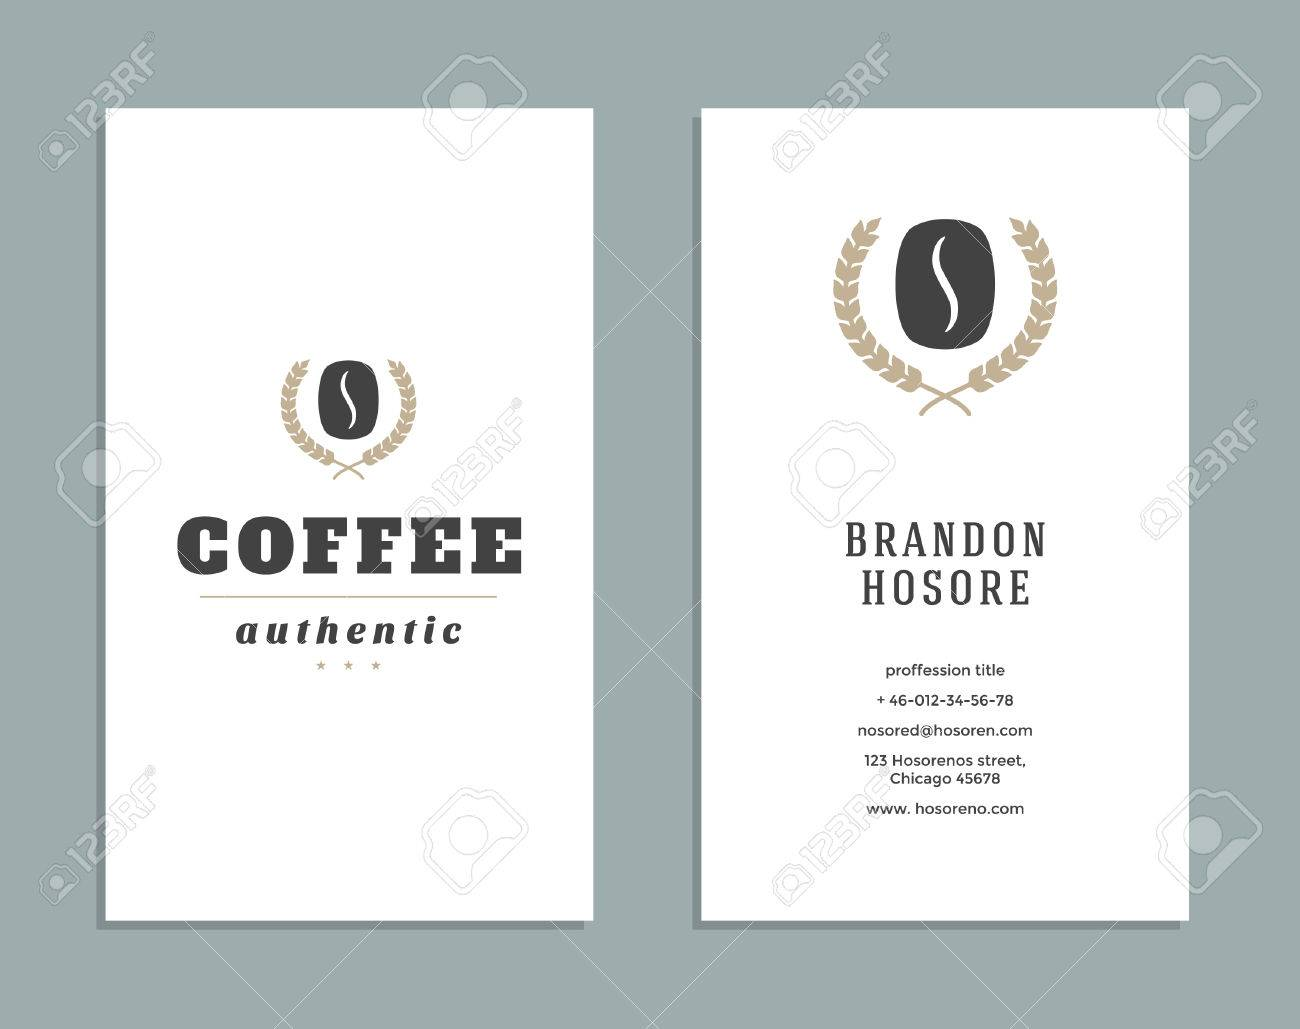 Stunning Steve Martin Business Card Images - Business Card Ideas ...